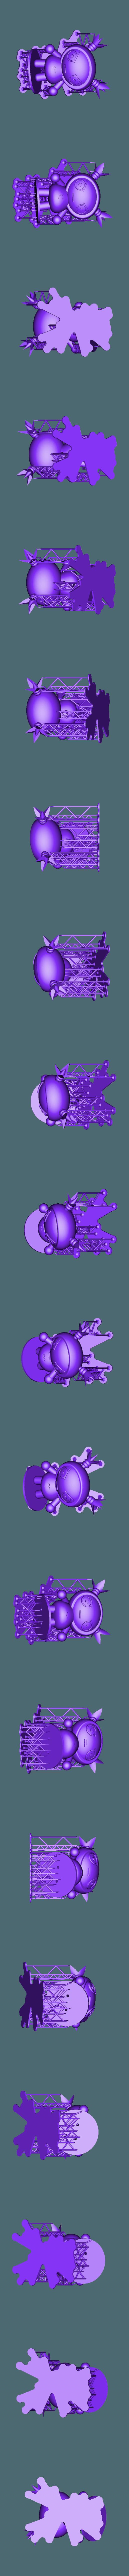 Garu_supports.stl Télécharger fichier STL gratuit Garu du dessin animé Pucca • Plan à imprimer en 3D, Jangie